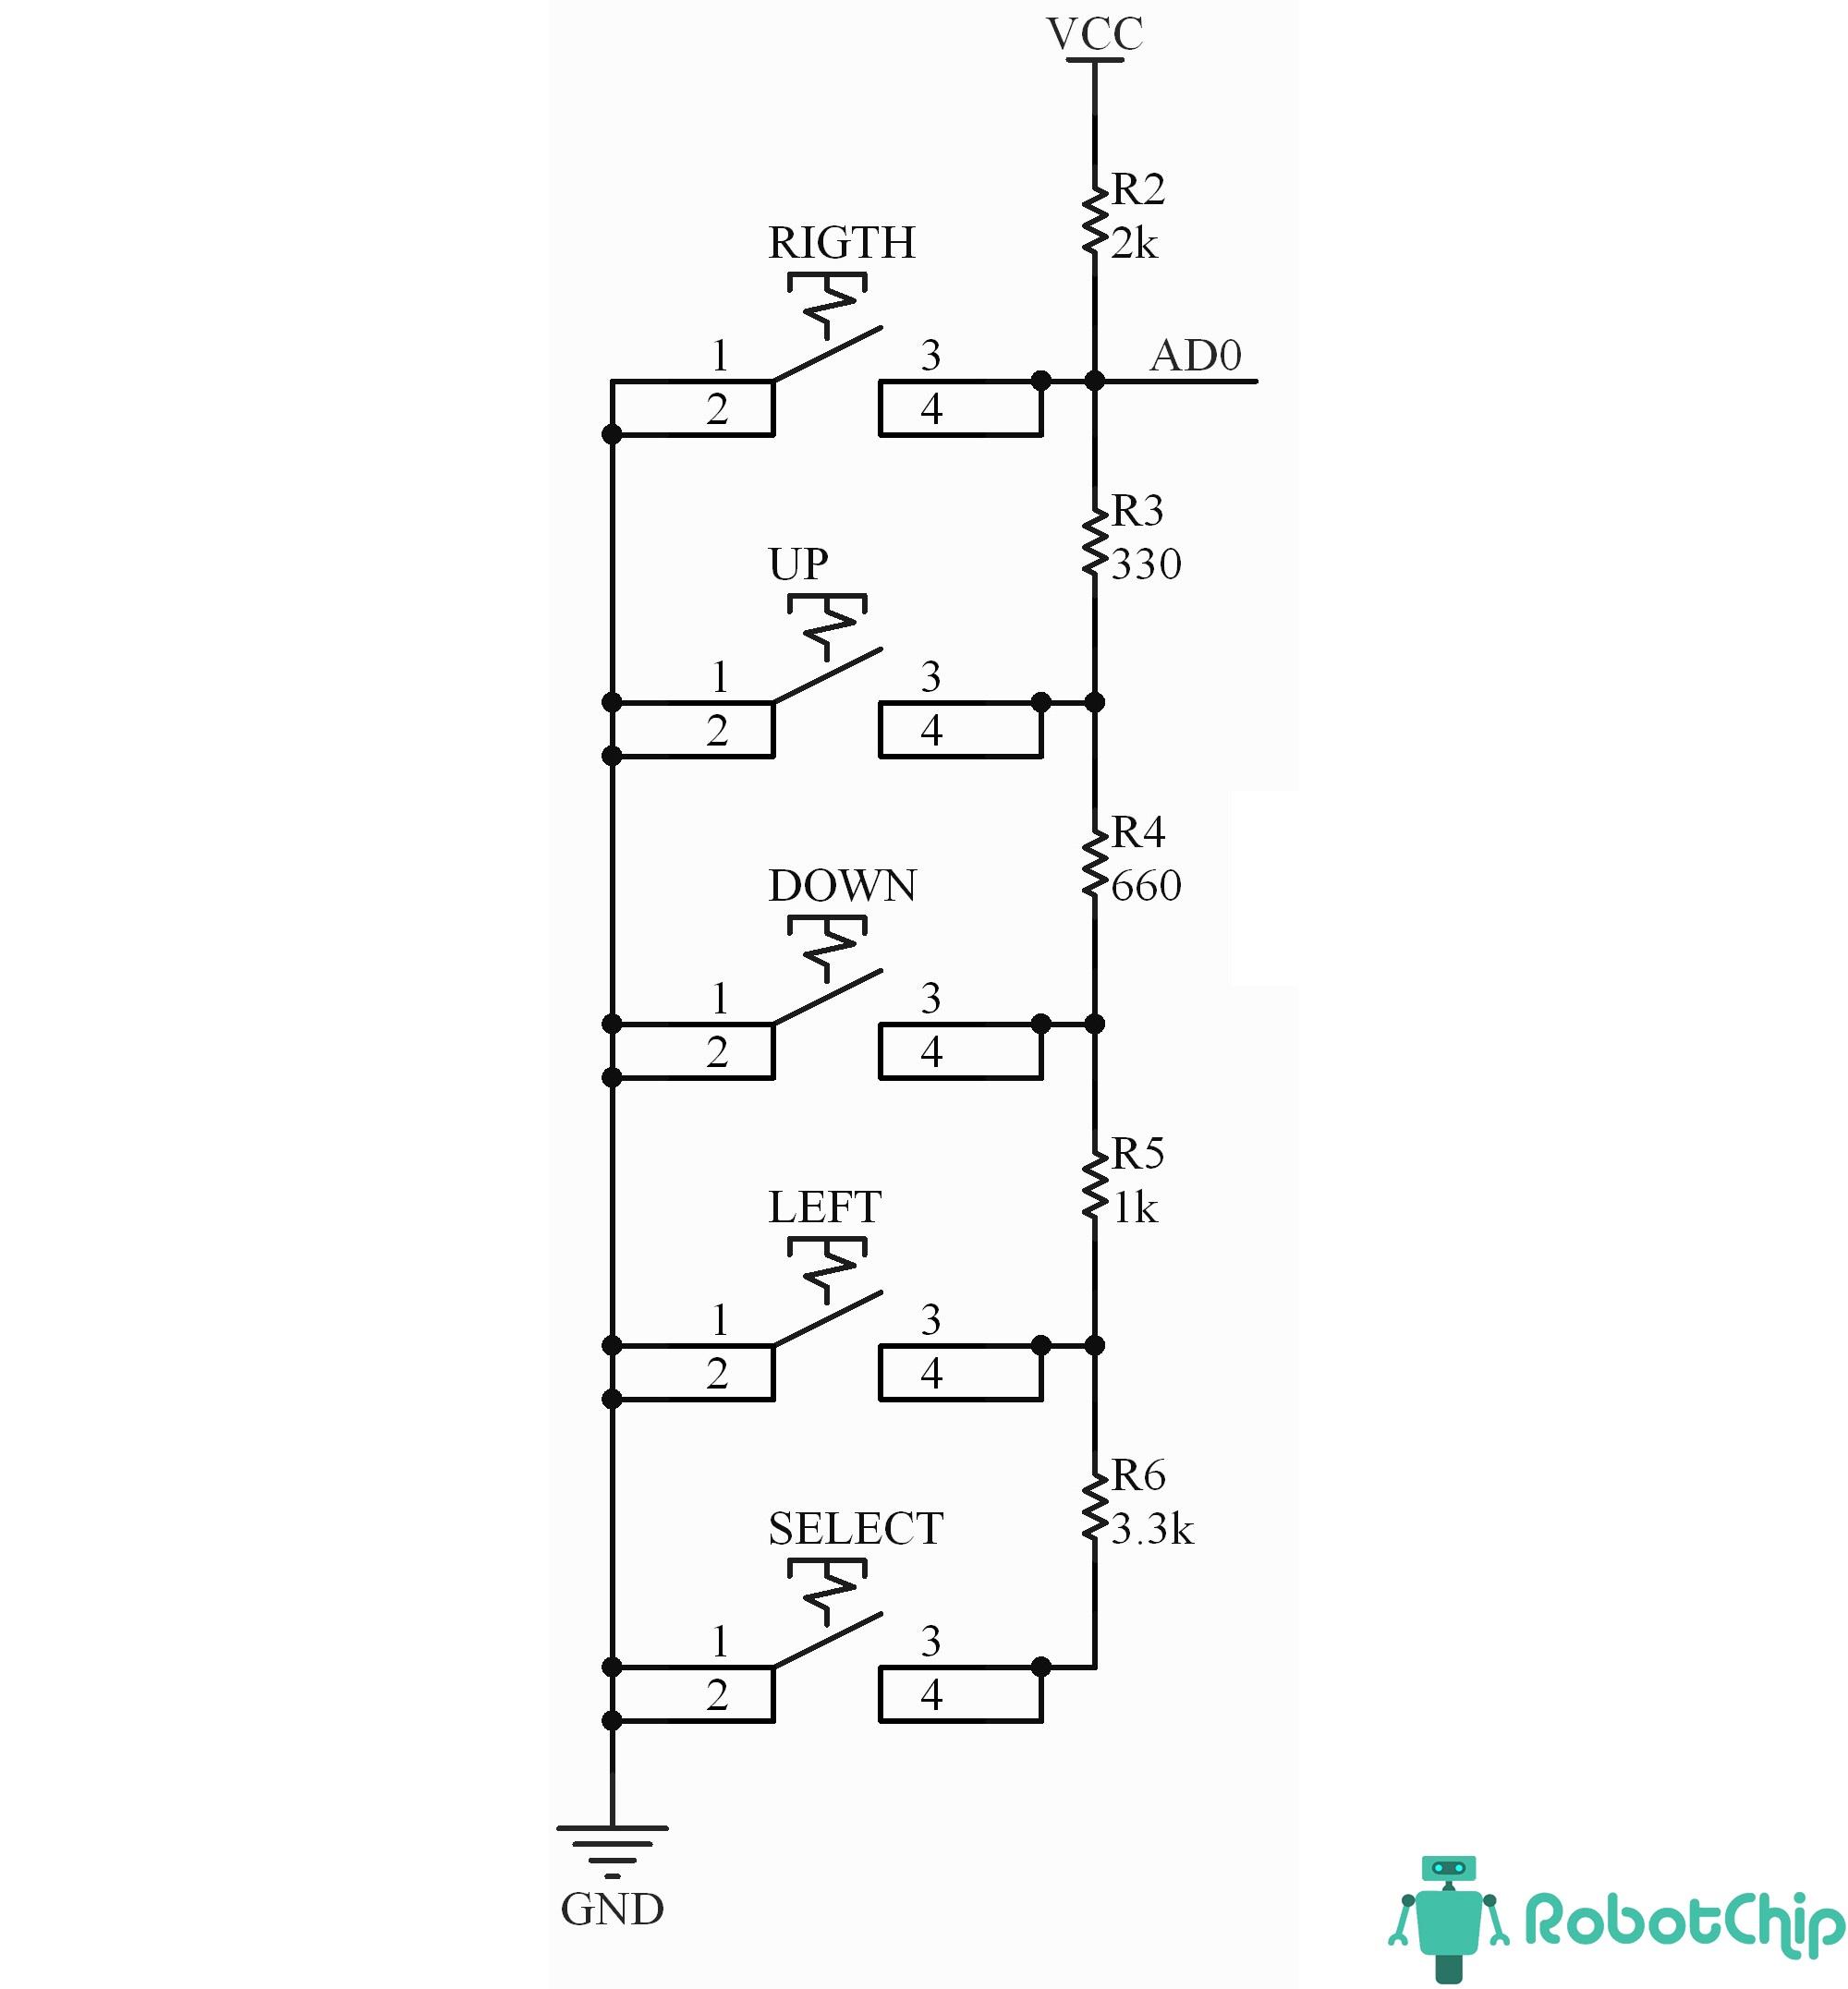 Схема LCD модуля keypad (LCD1602, 2x16, 5V)